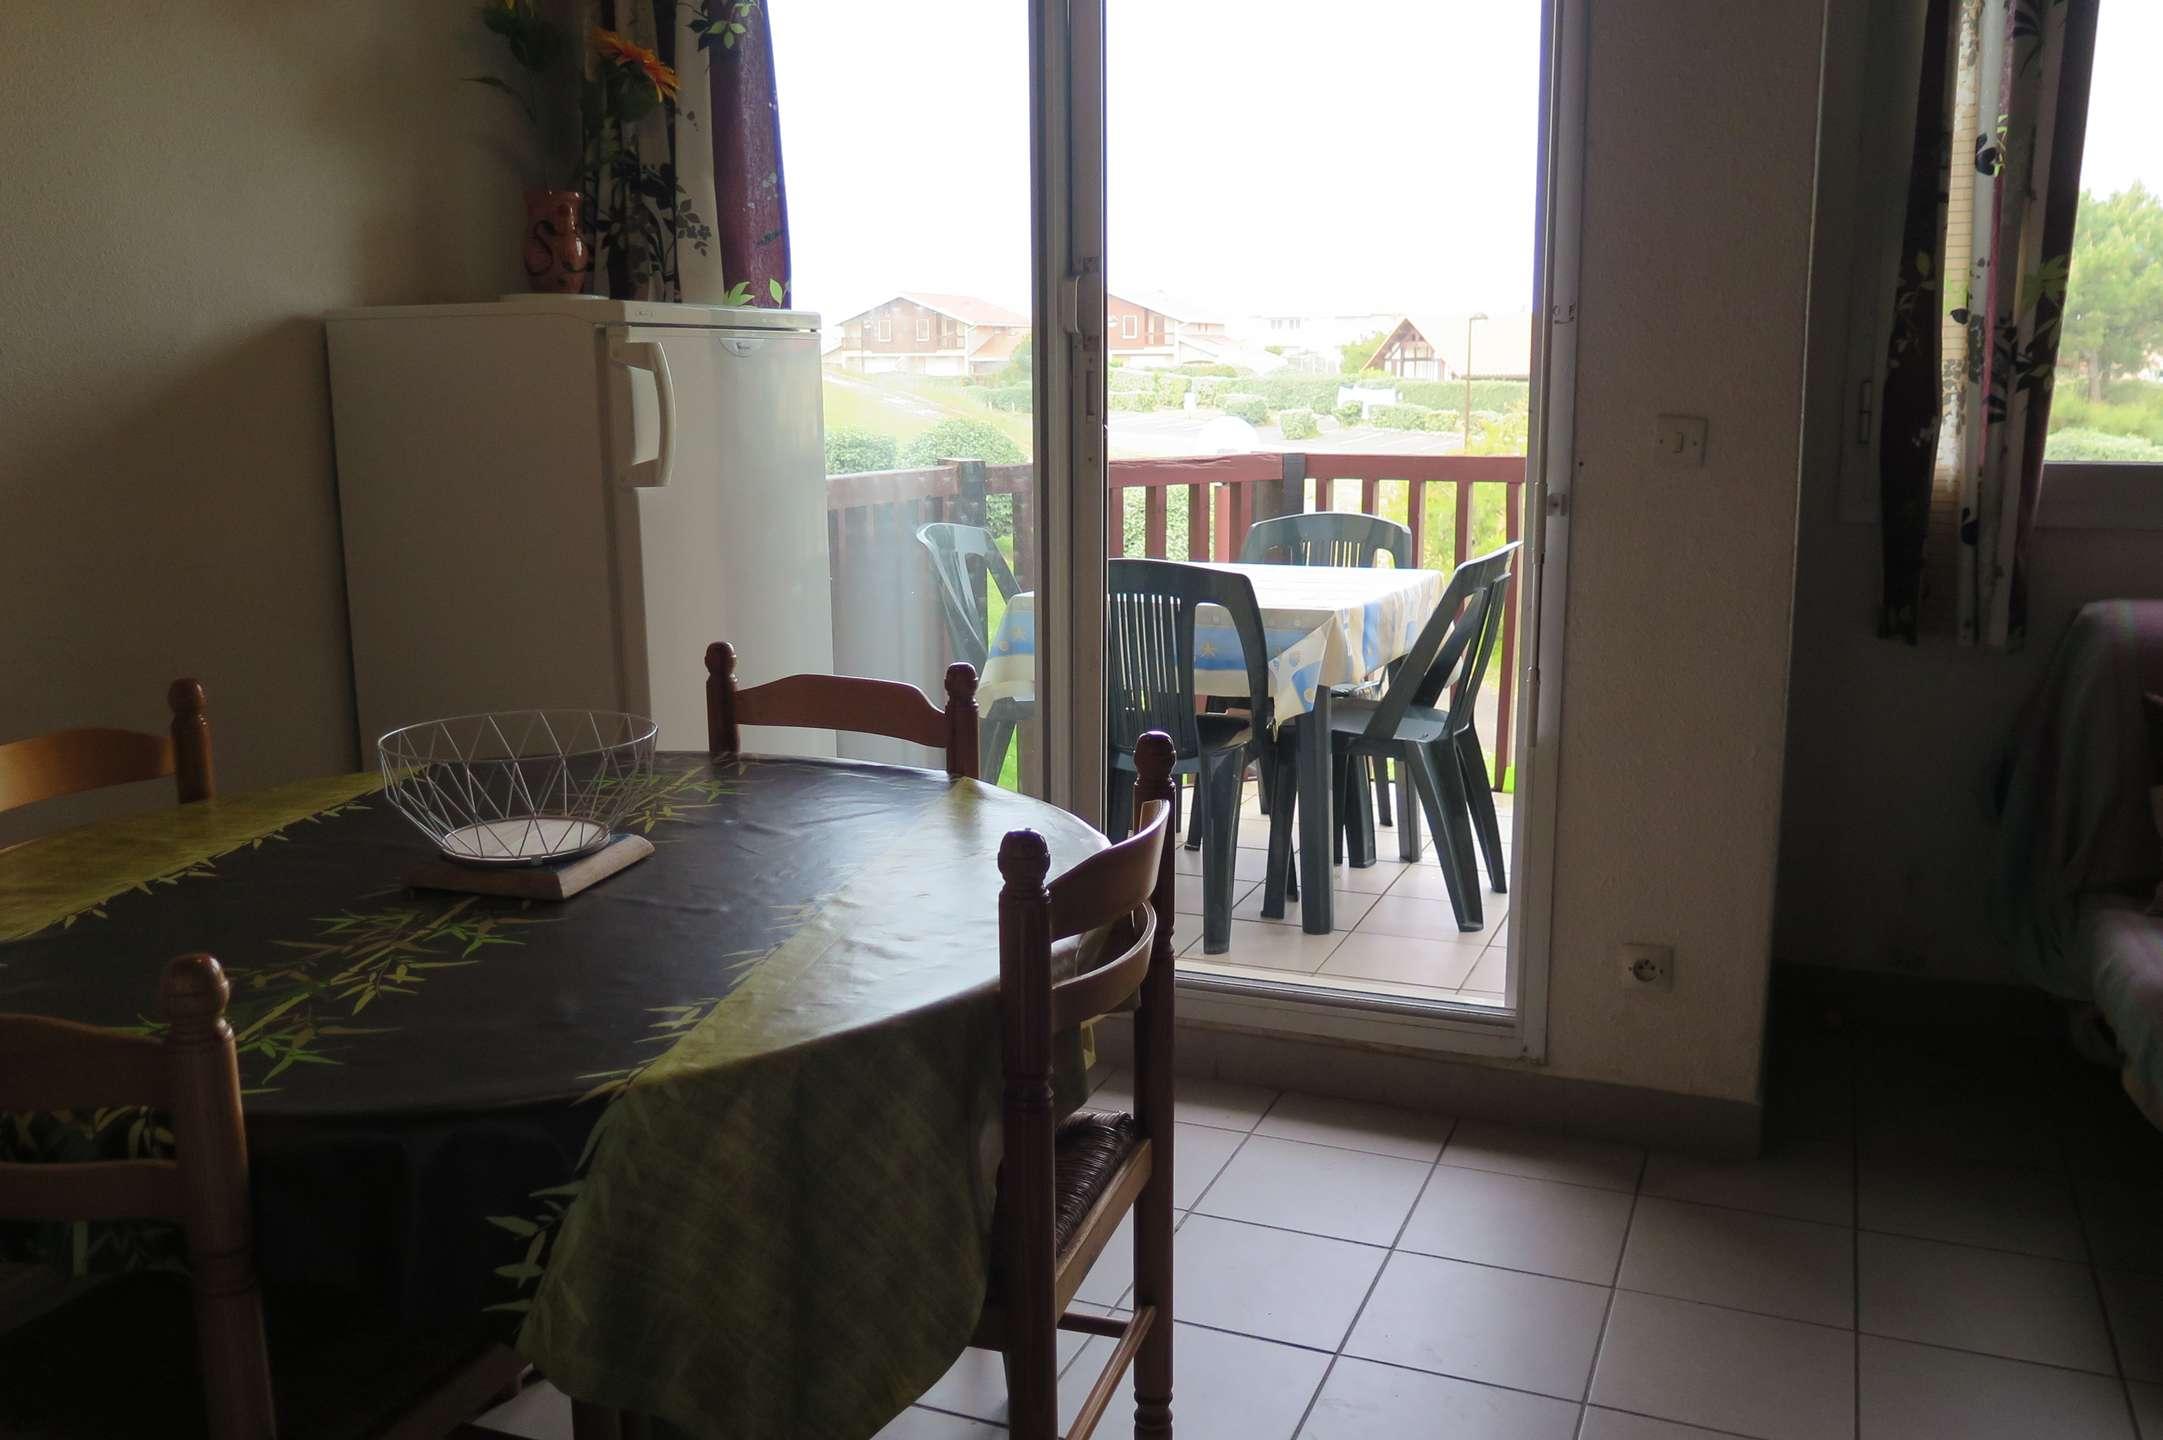 rental Apartment in Vieux Boucau